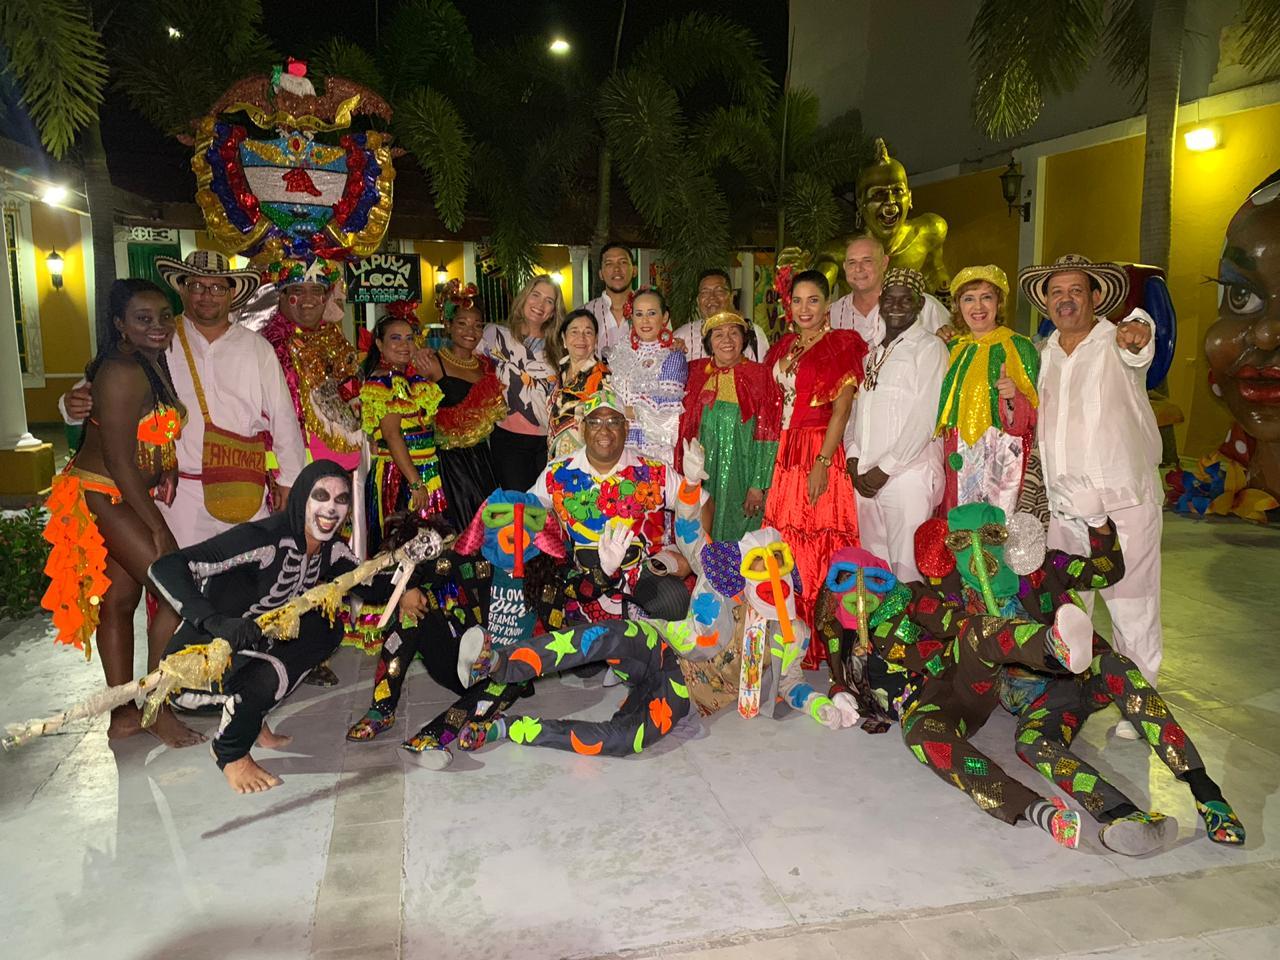 Con anécdotas e historias carnavaleros recuerdan visita a la Unesco y otros países